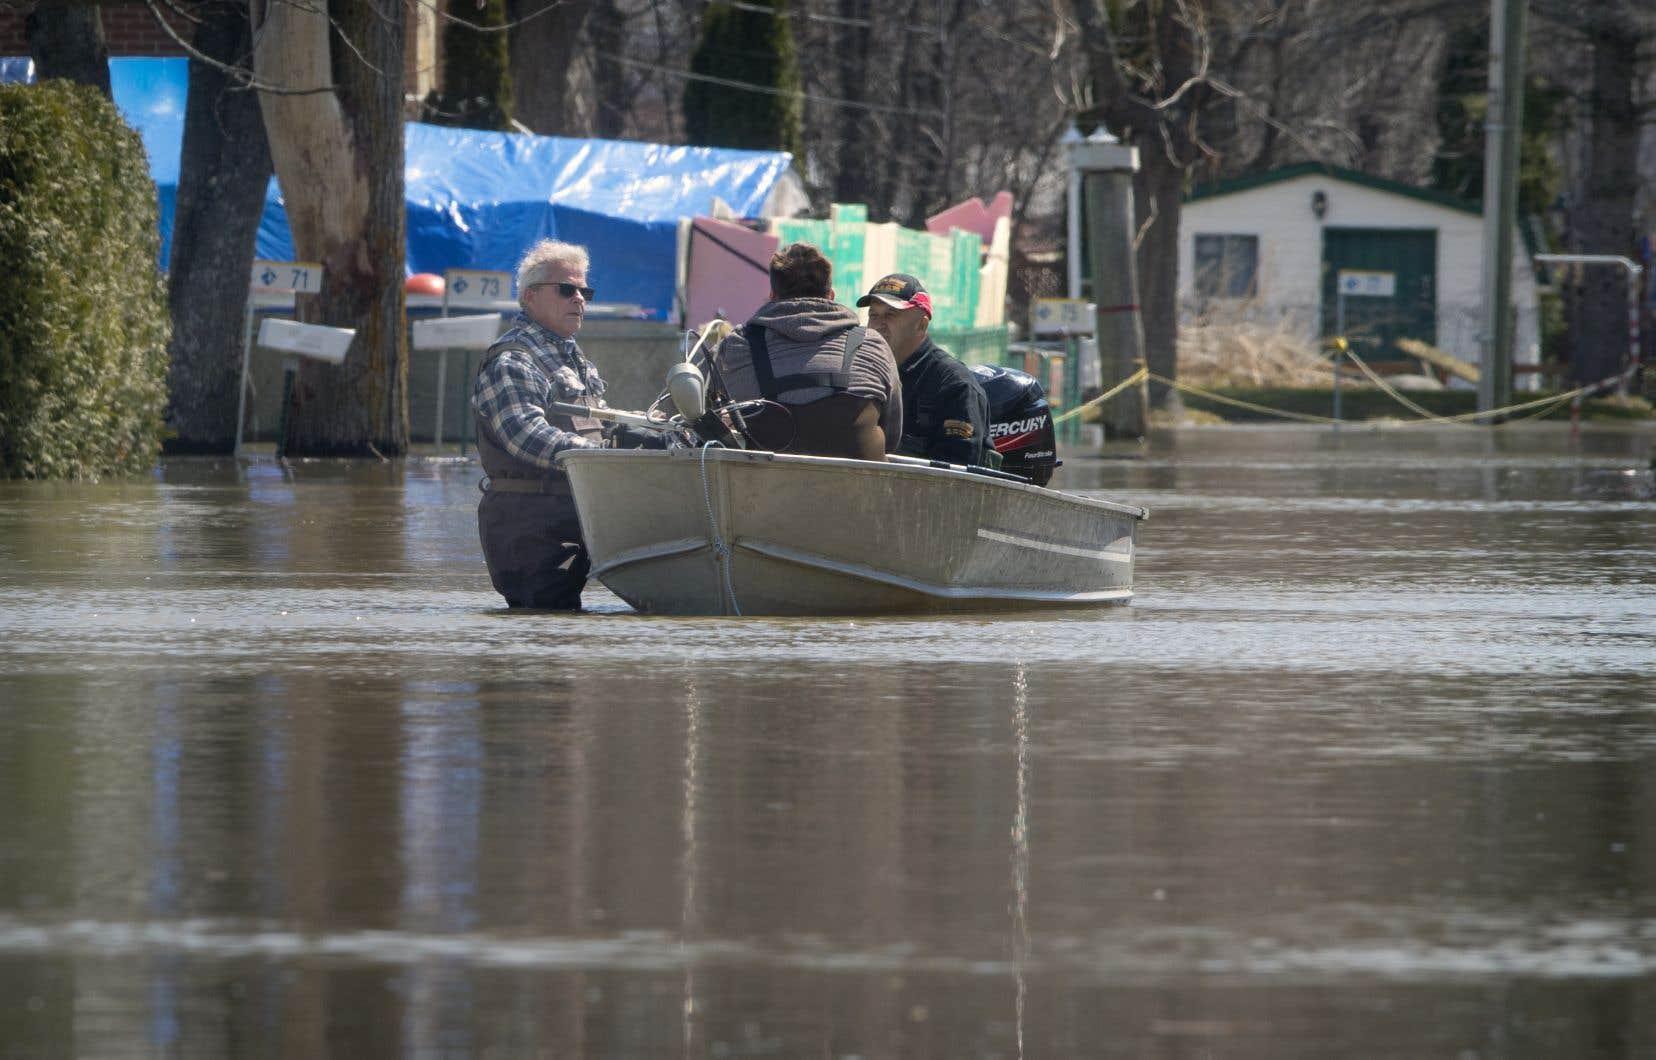 Les experts de la sécurité publique affirment depuis quelques jours déjà que la pointe est attendue ce mardi ou mercredi, après quoi les niveaux d'eau devraient cesser d'augmenter et commencer à redescendre.